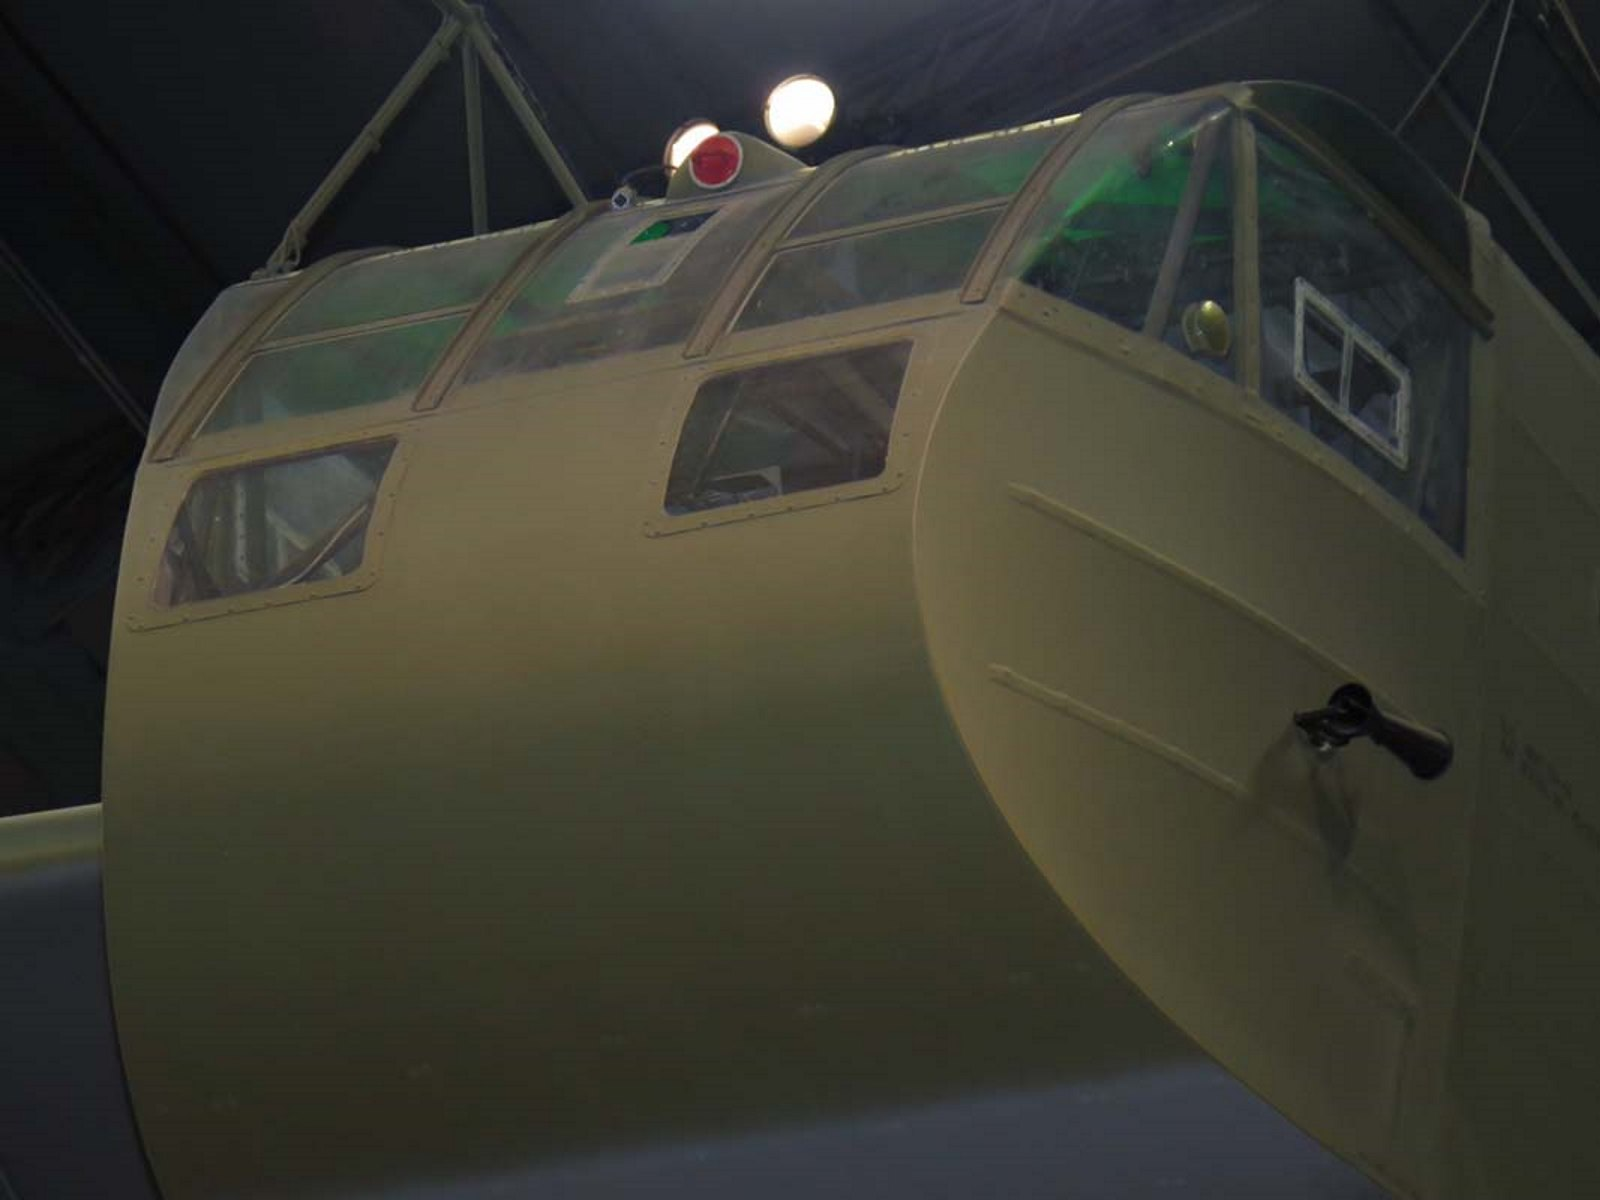 WACO CG-4A Haig 2